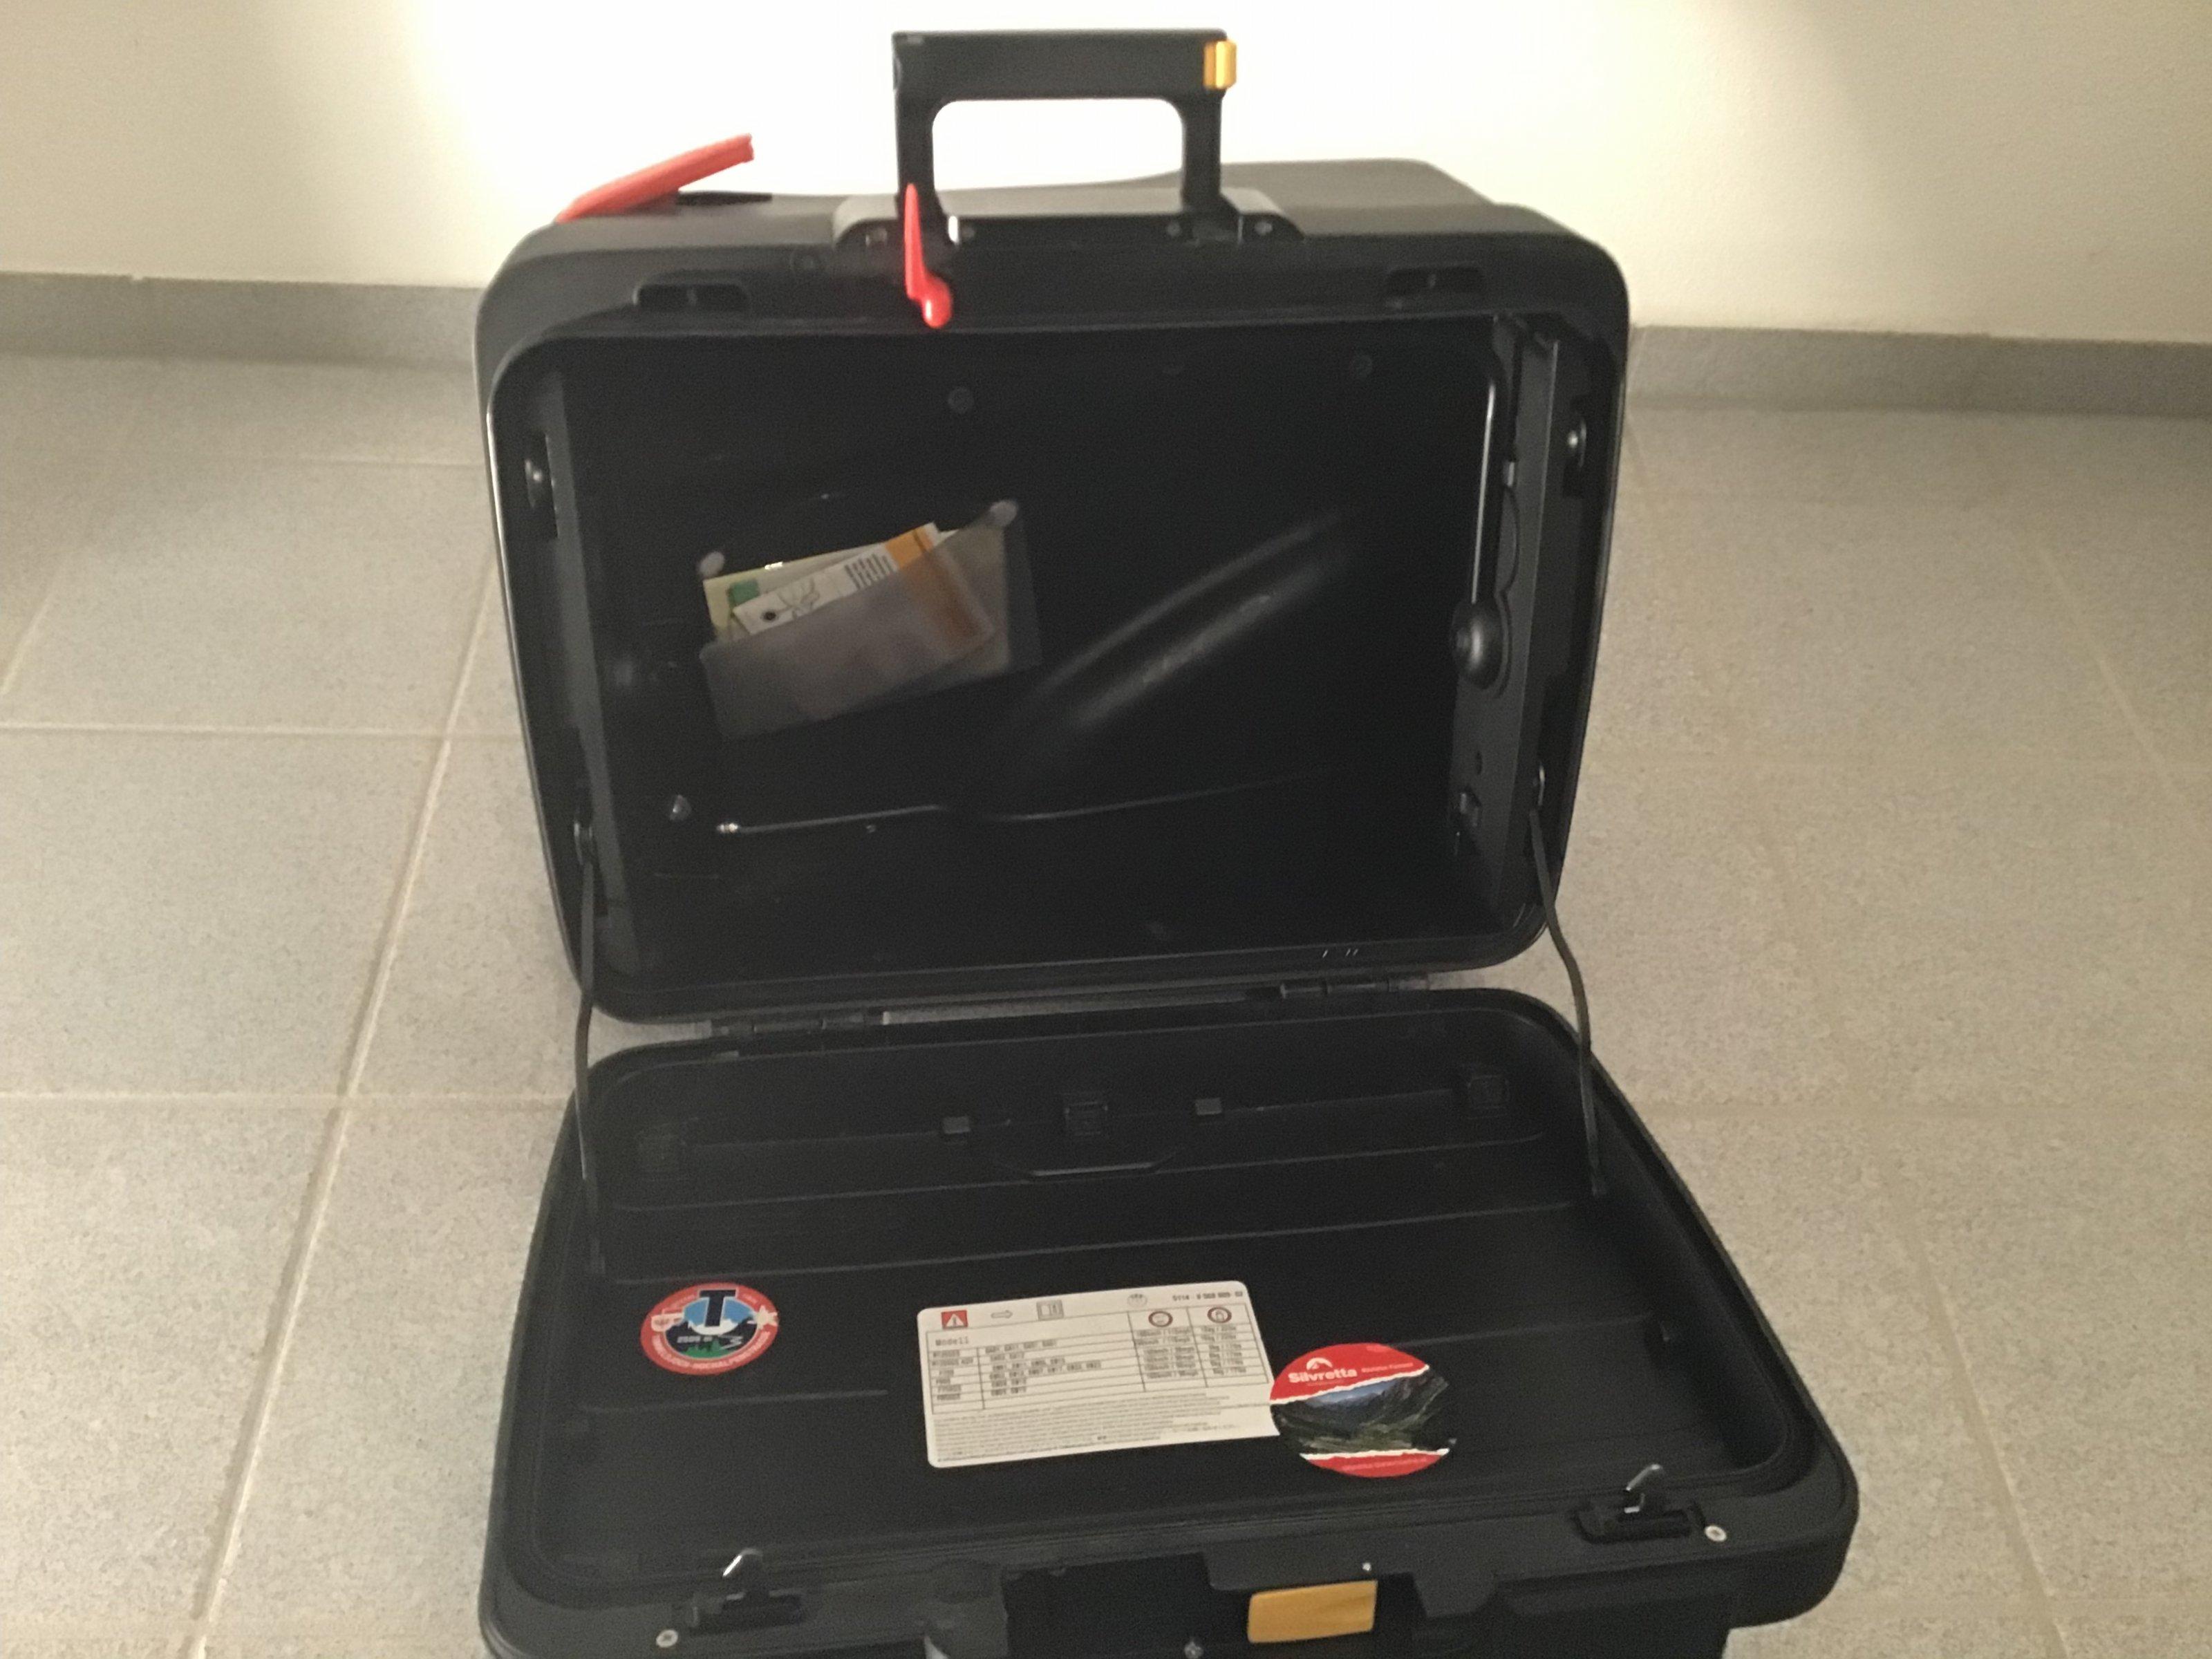 AC6E586B-C35A-45F9-ADB0-339582C869B9.jpeg